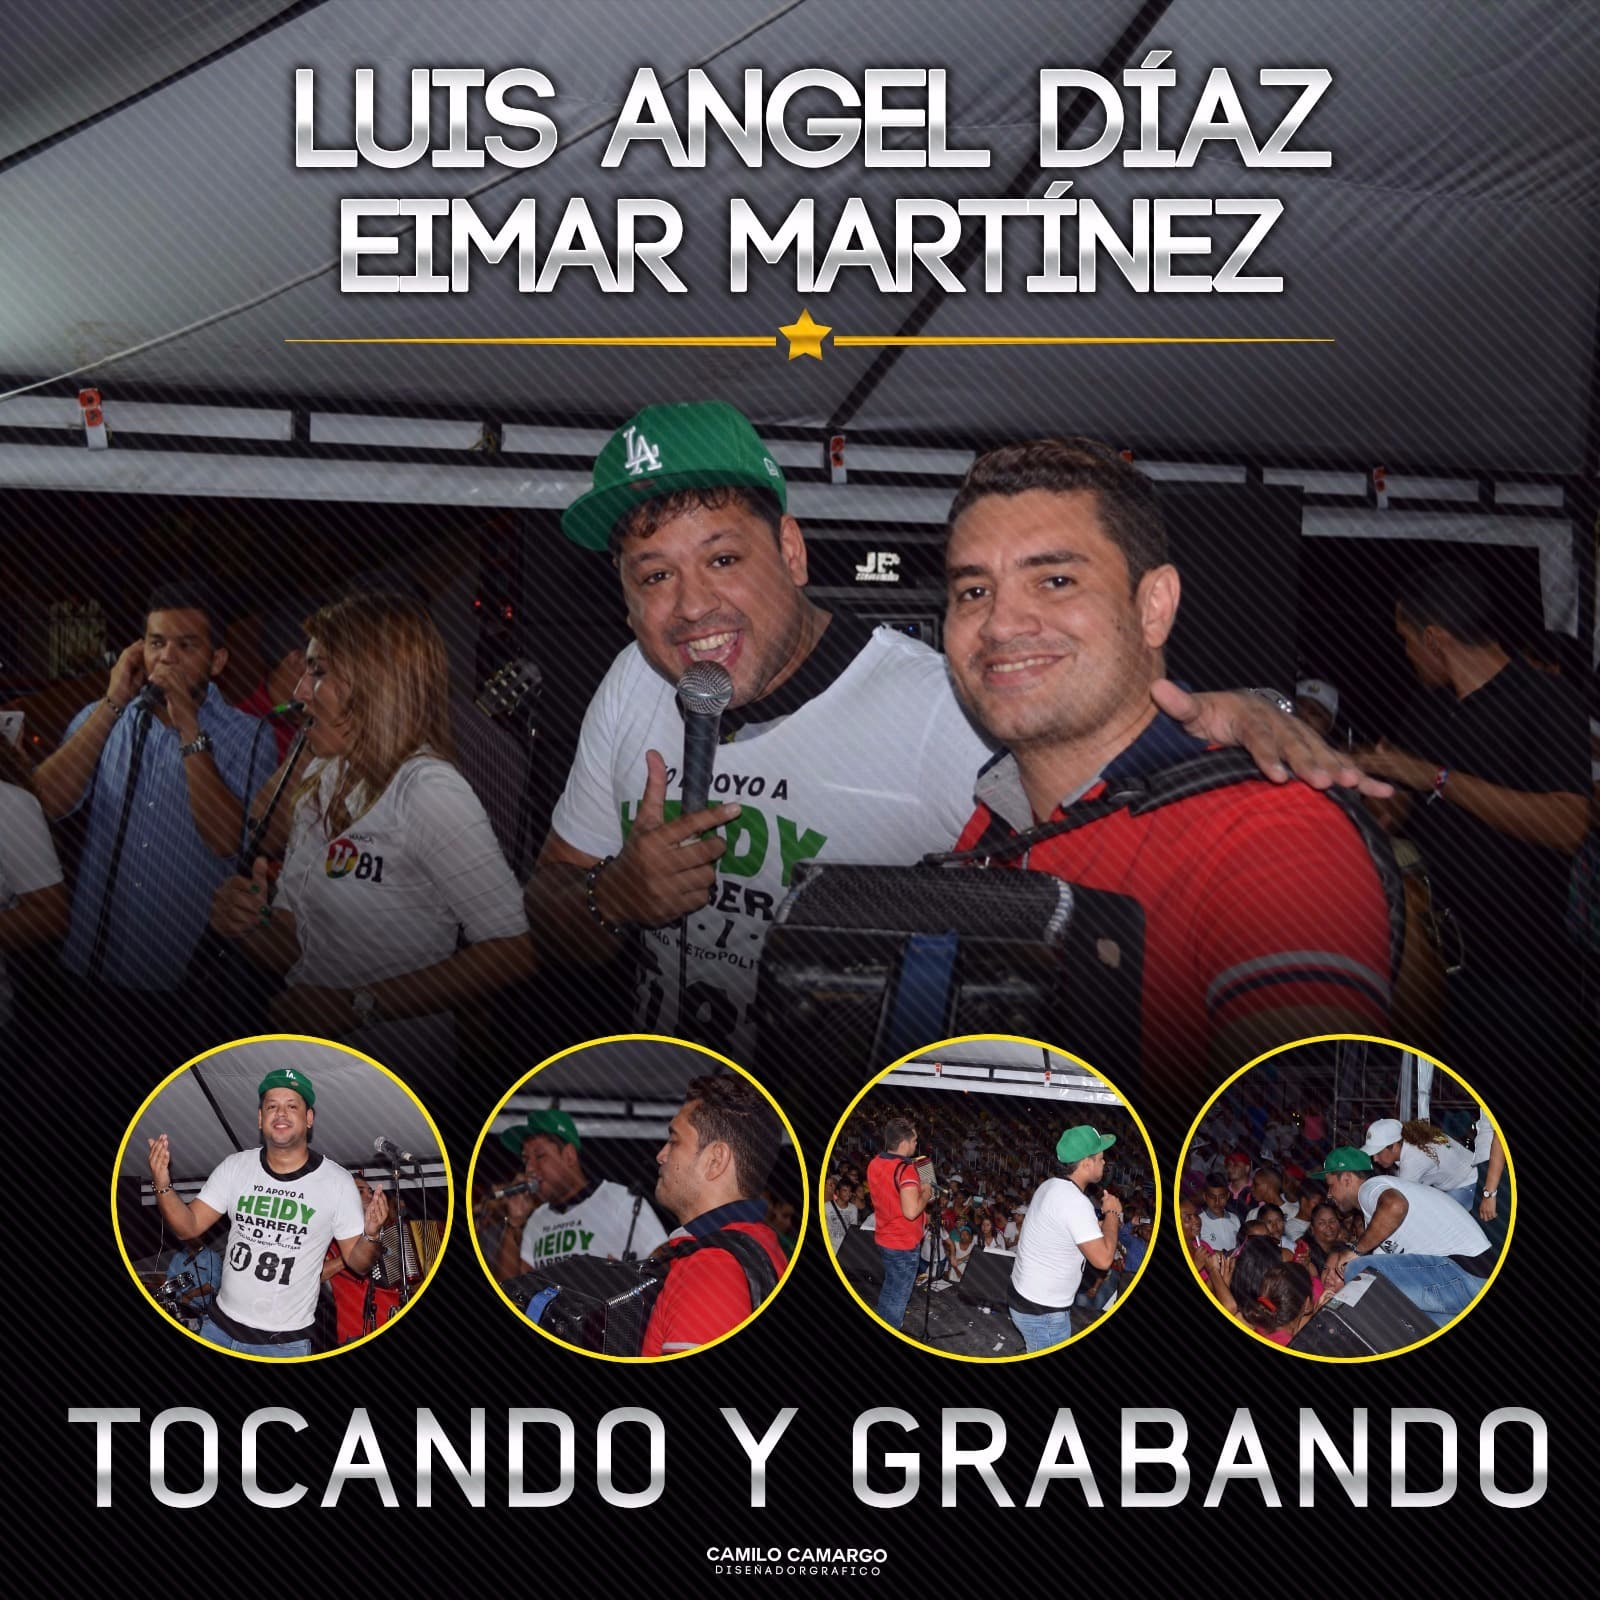 LUIS ANGEL DÍAZ & EIMAR MARTÍNEZ TOCANDO Y GRABANDO